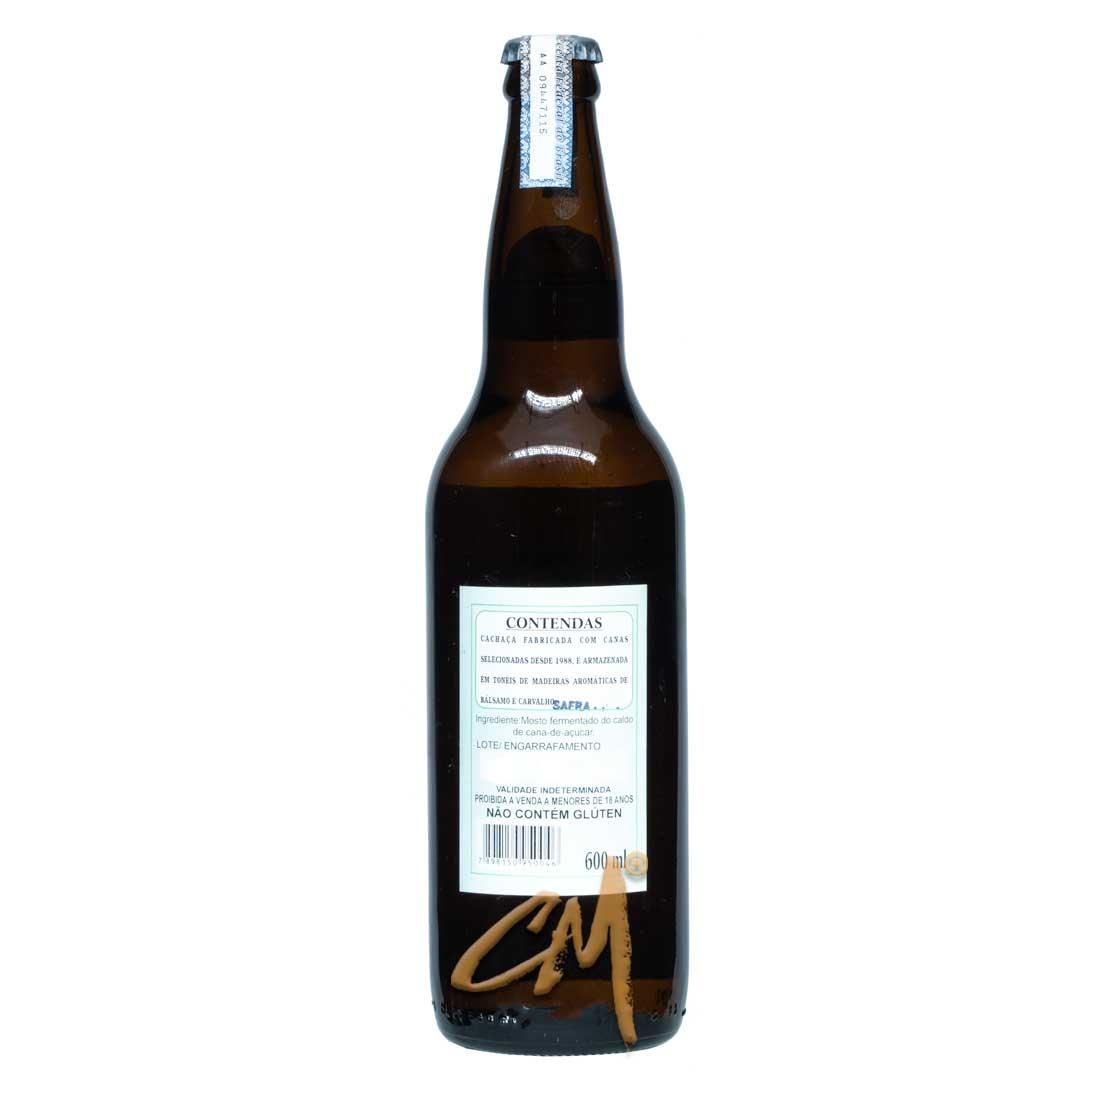 Cachaça Contendas 600 ml (Salinas - MG)